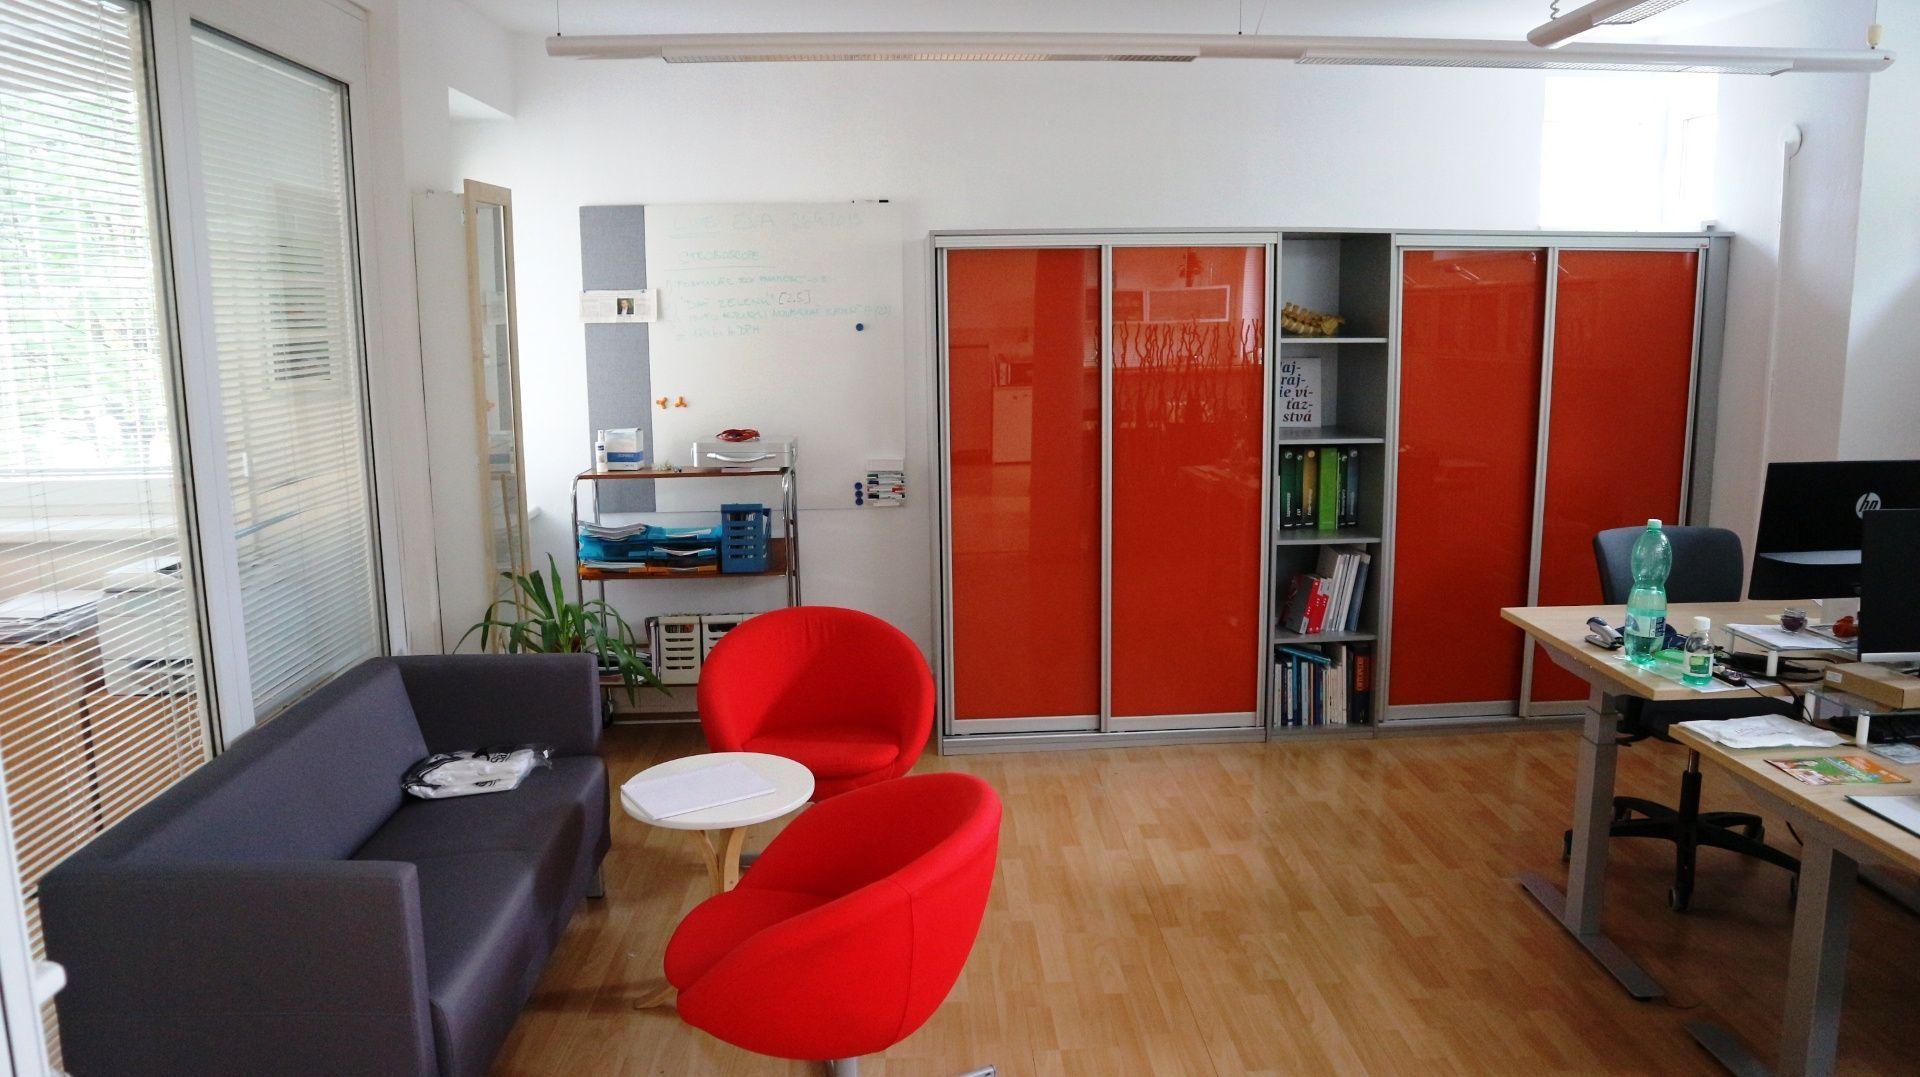 Administratívny objekt-Predaj-Bratislava - mestská časť Staré Mesto-660000.00 €